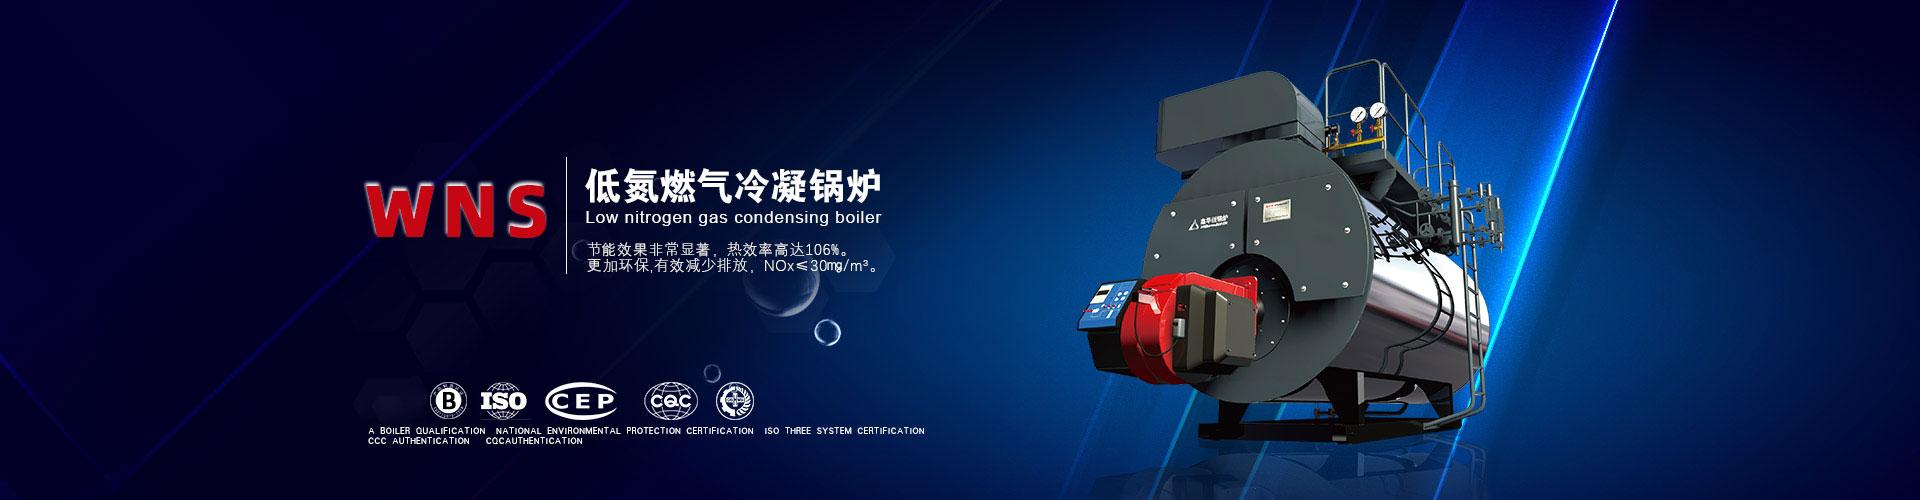 wns低氮燃燃气冷凝锅炉